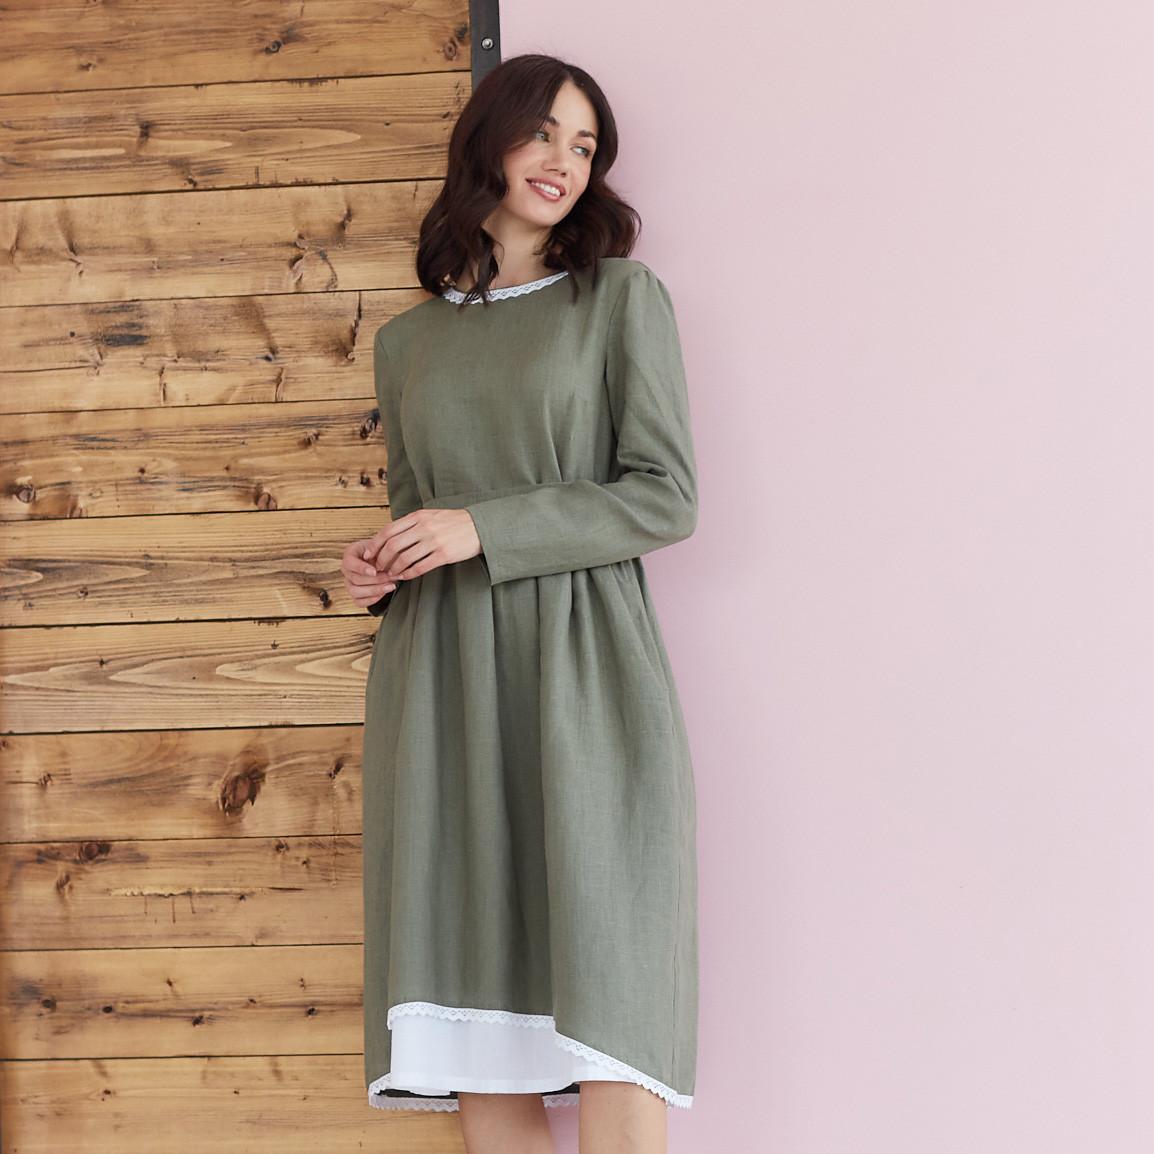 Платье женское льняное с хлопковым кружевом оливкового цвета - фото 1